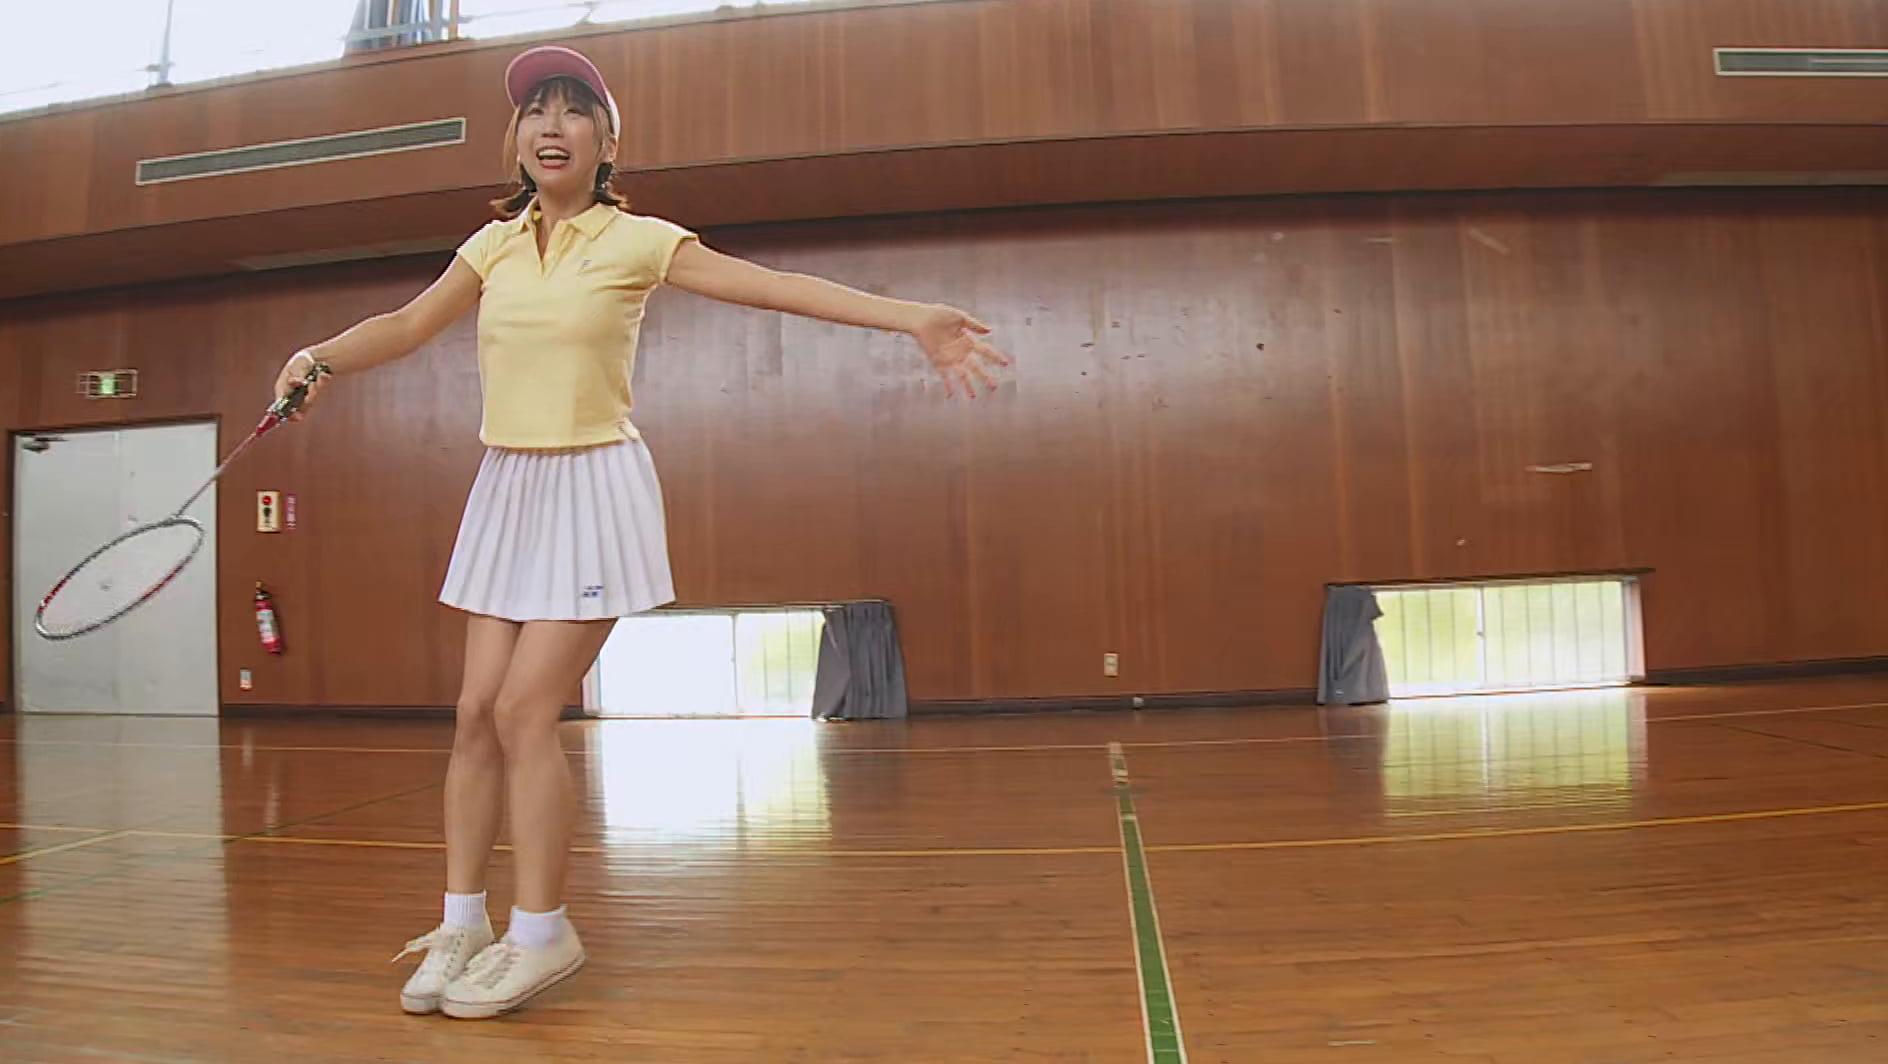 グラビアアイドルGIF画像|彼女感溢れる1作です→Healing Flower 日向葵衣webm画像